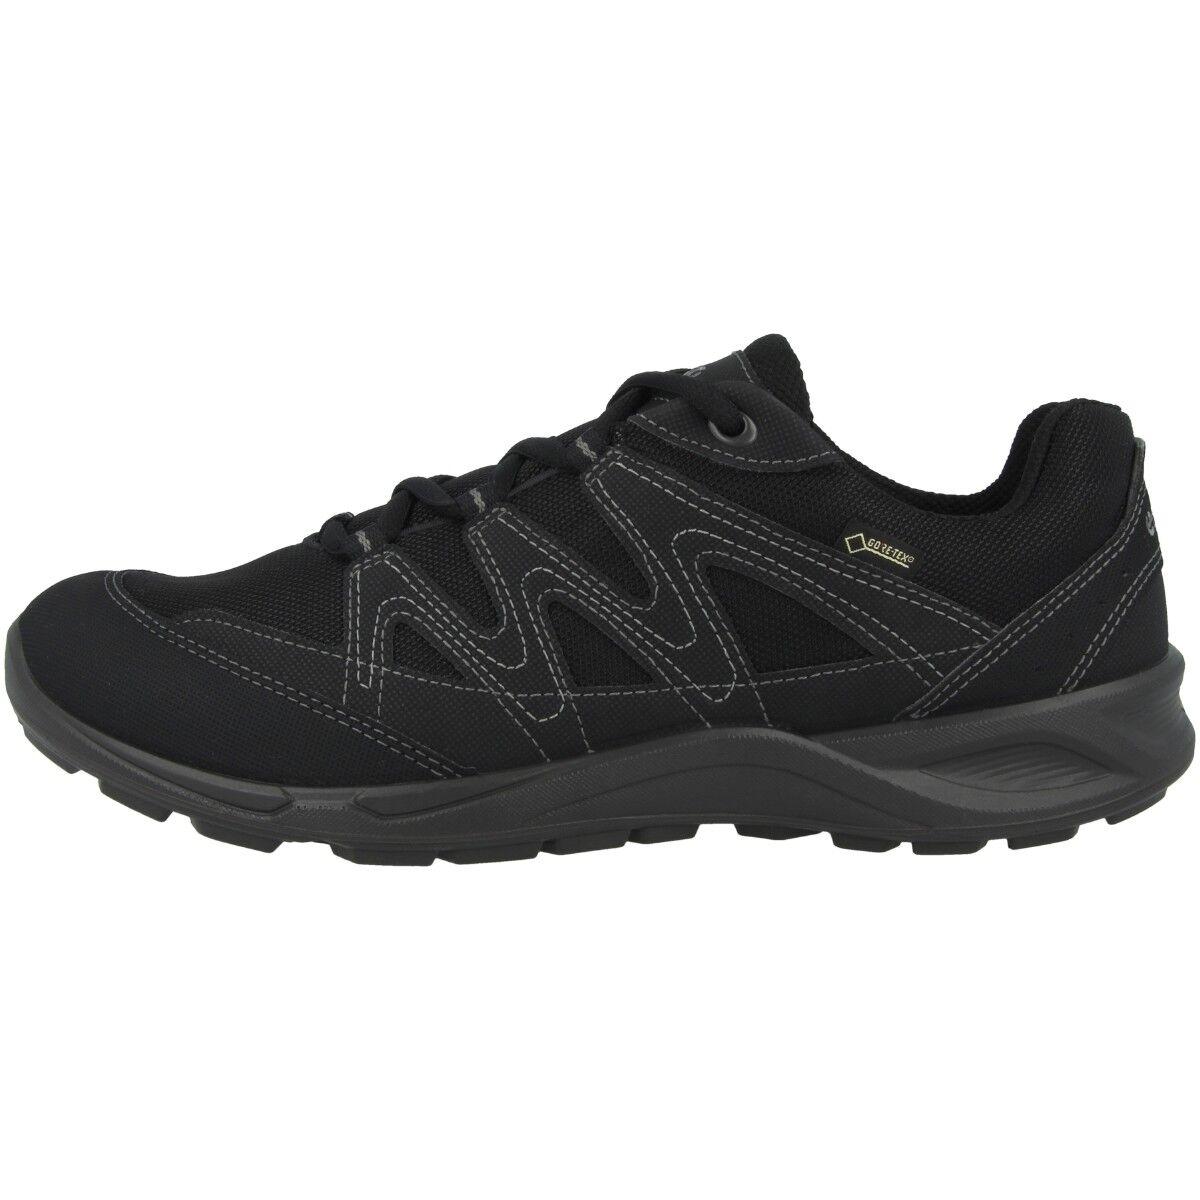 Ecco terracruise LT Booly GTX Women trekking señora outdoor zapatos zapatos outdoor 825753-51052 5cd1ea